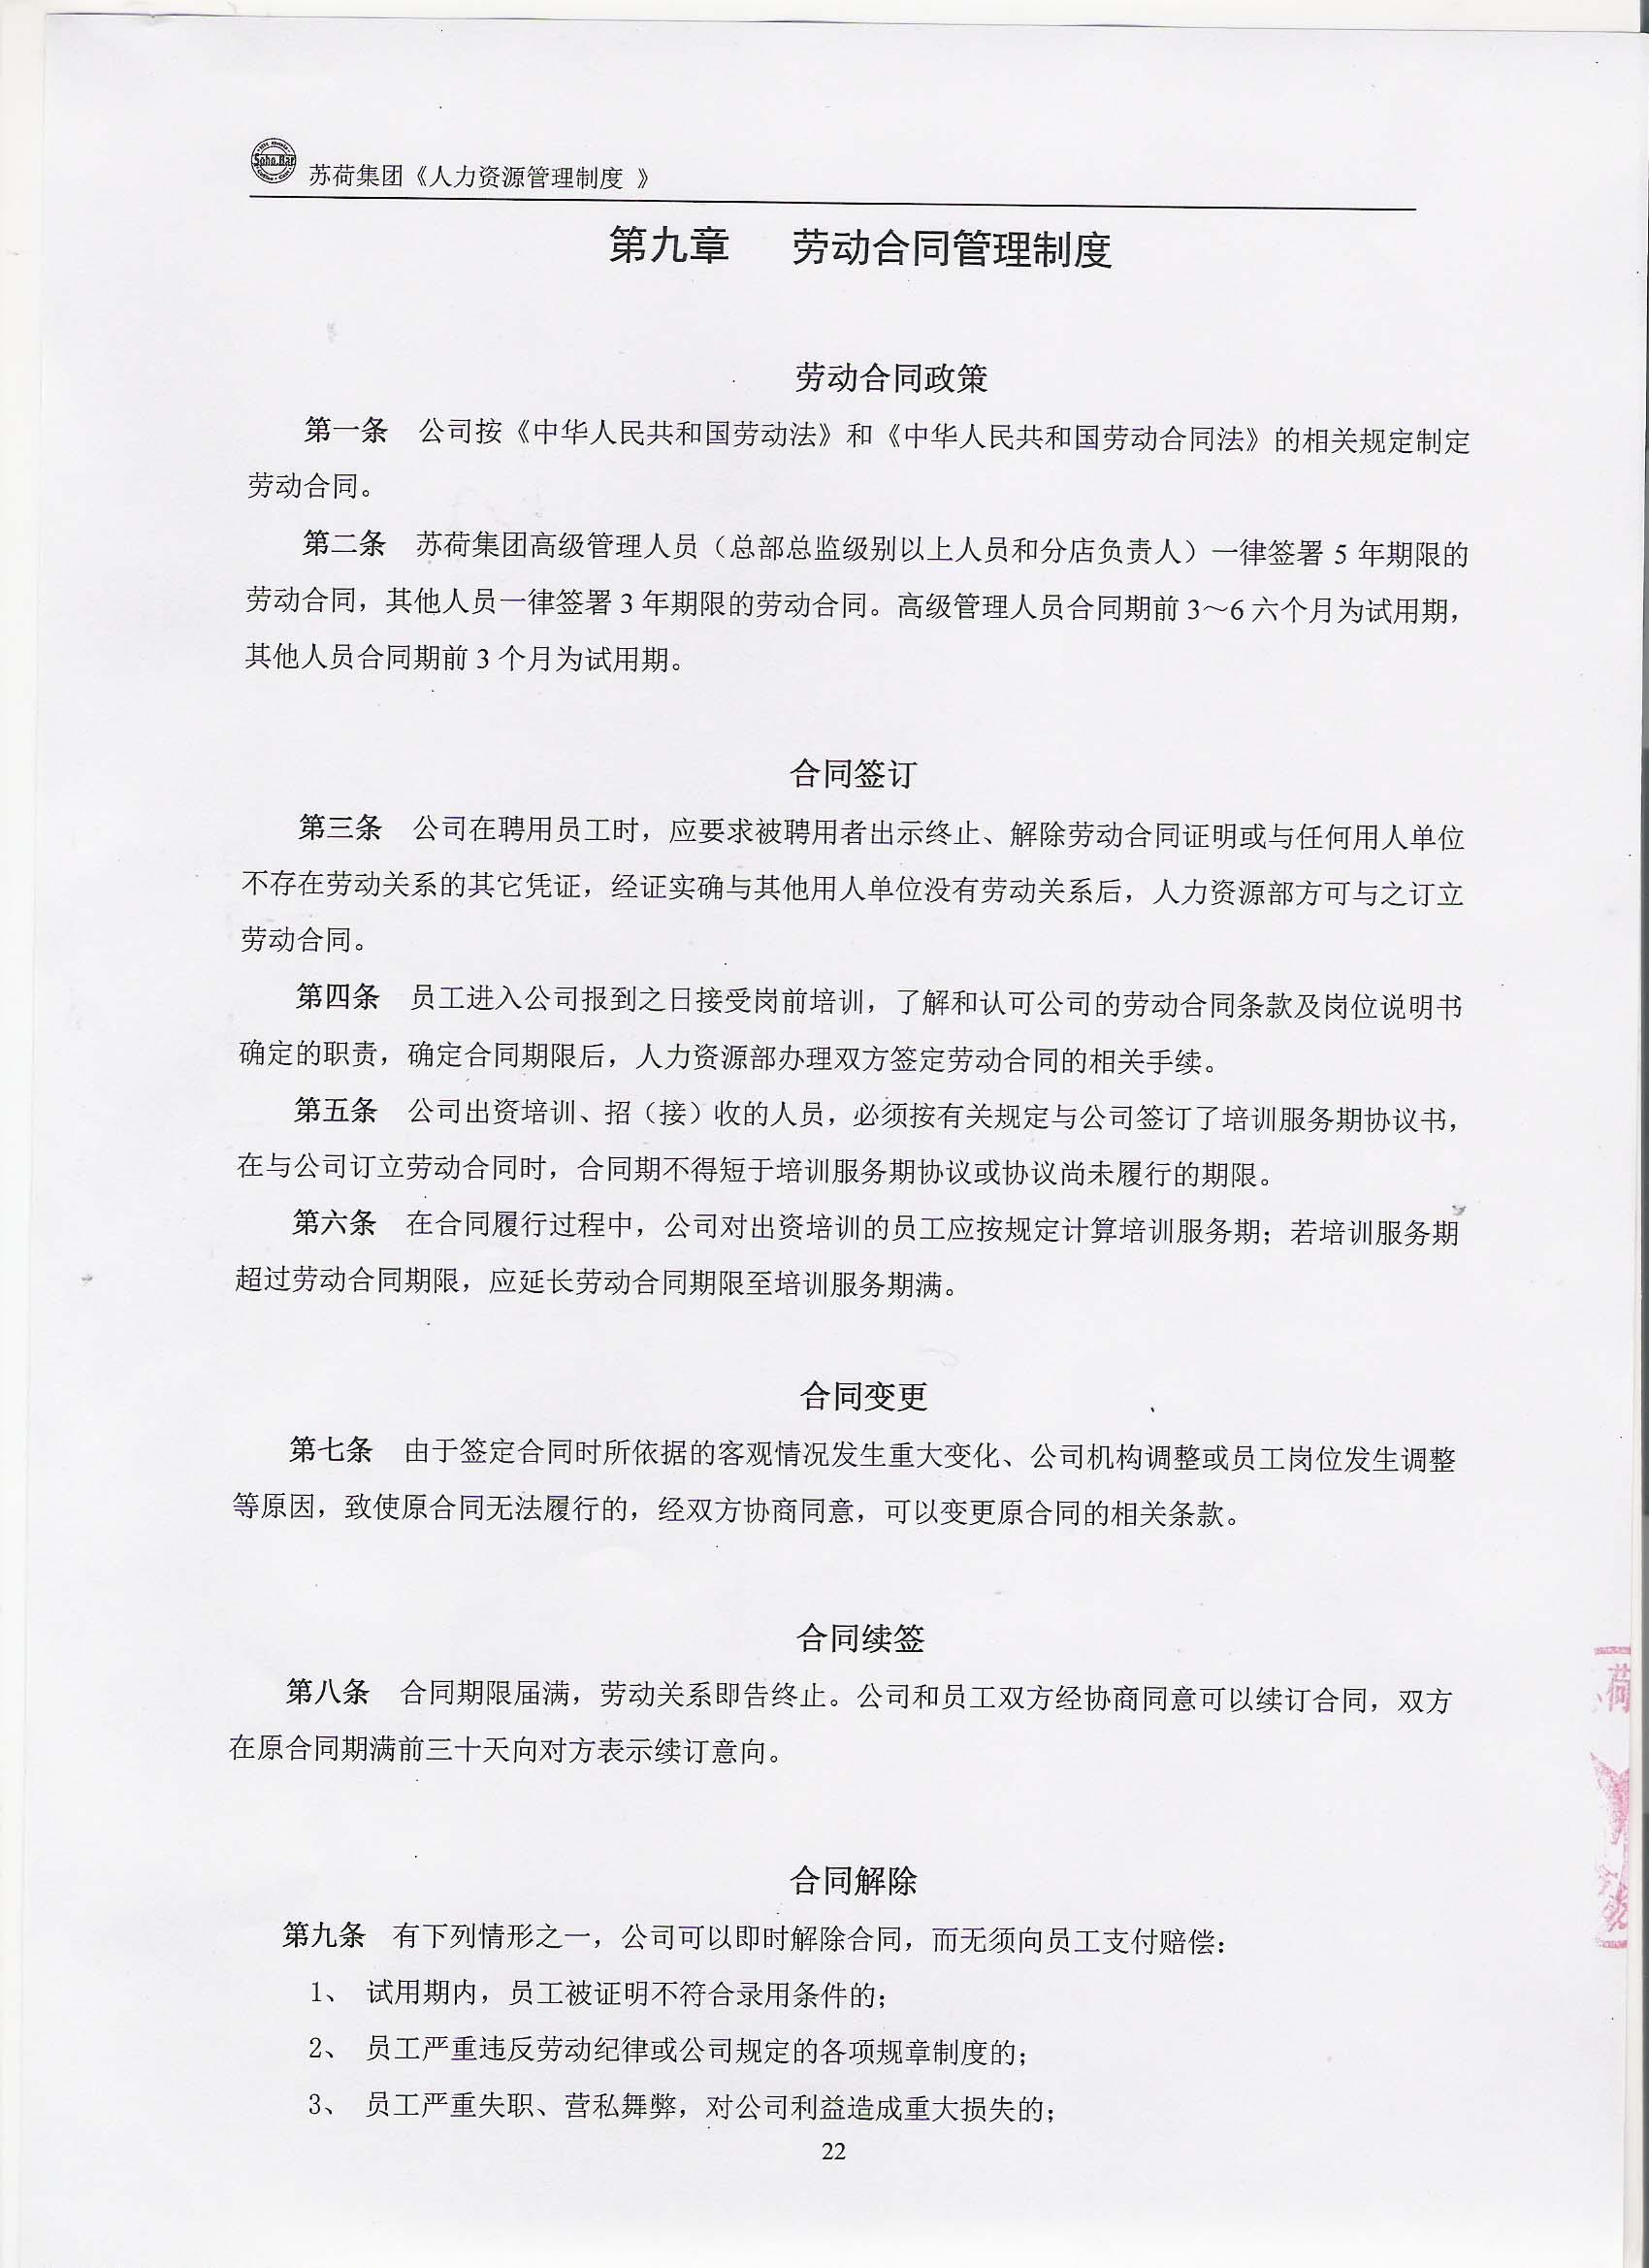 砖厂用工合同范本[推荐范文]docx下载_爱问共享资料